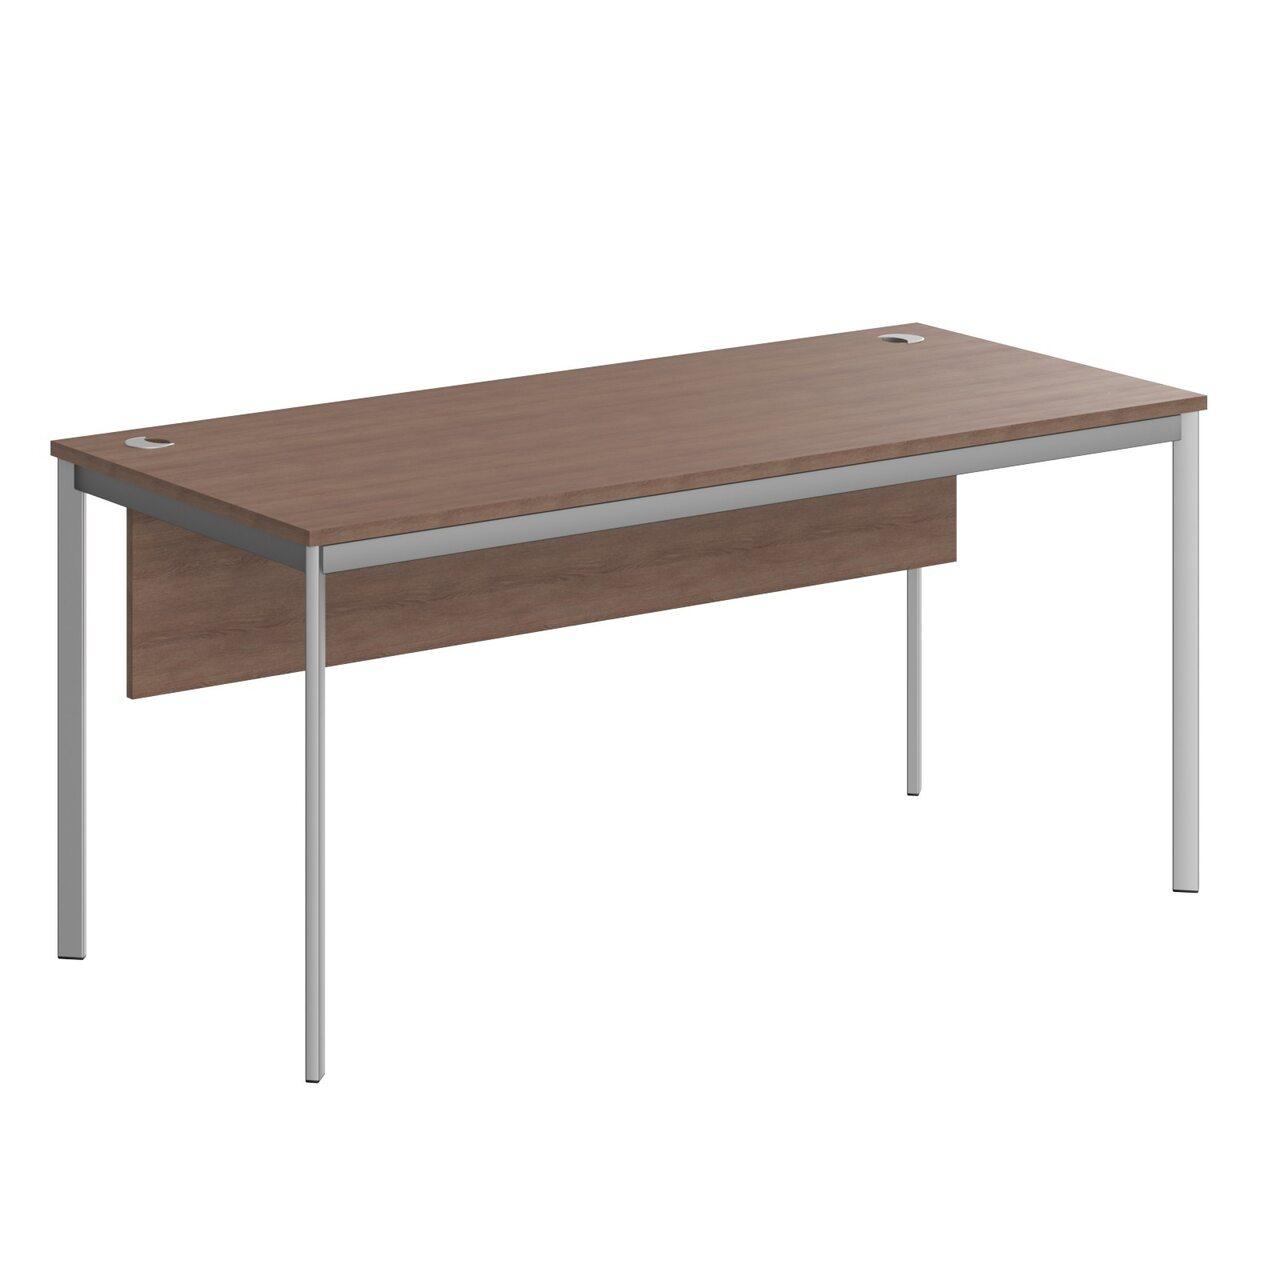 Стол прямой с фрональной панелью  IMAGO-S 72x160x76 - фото 4